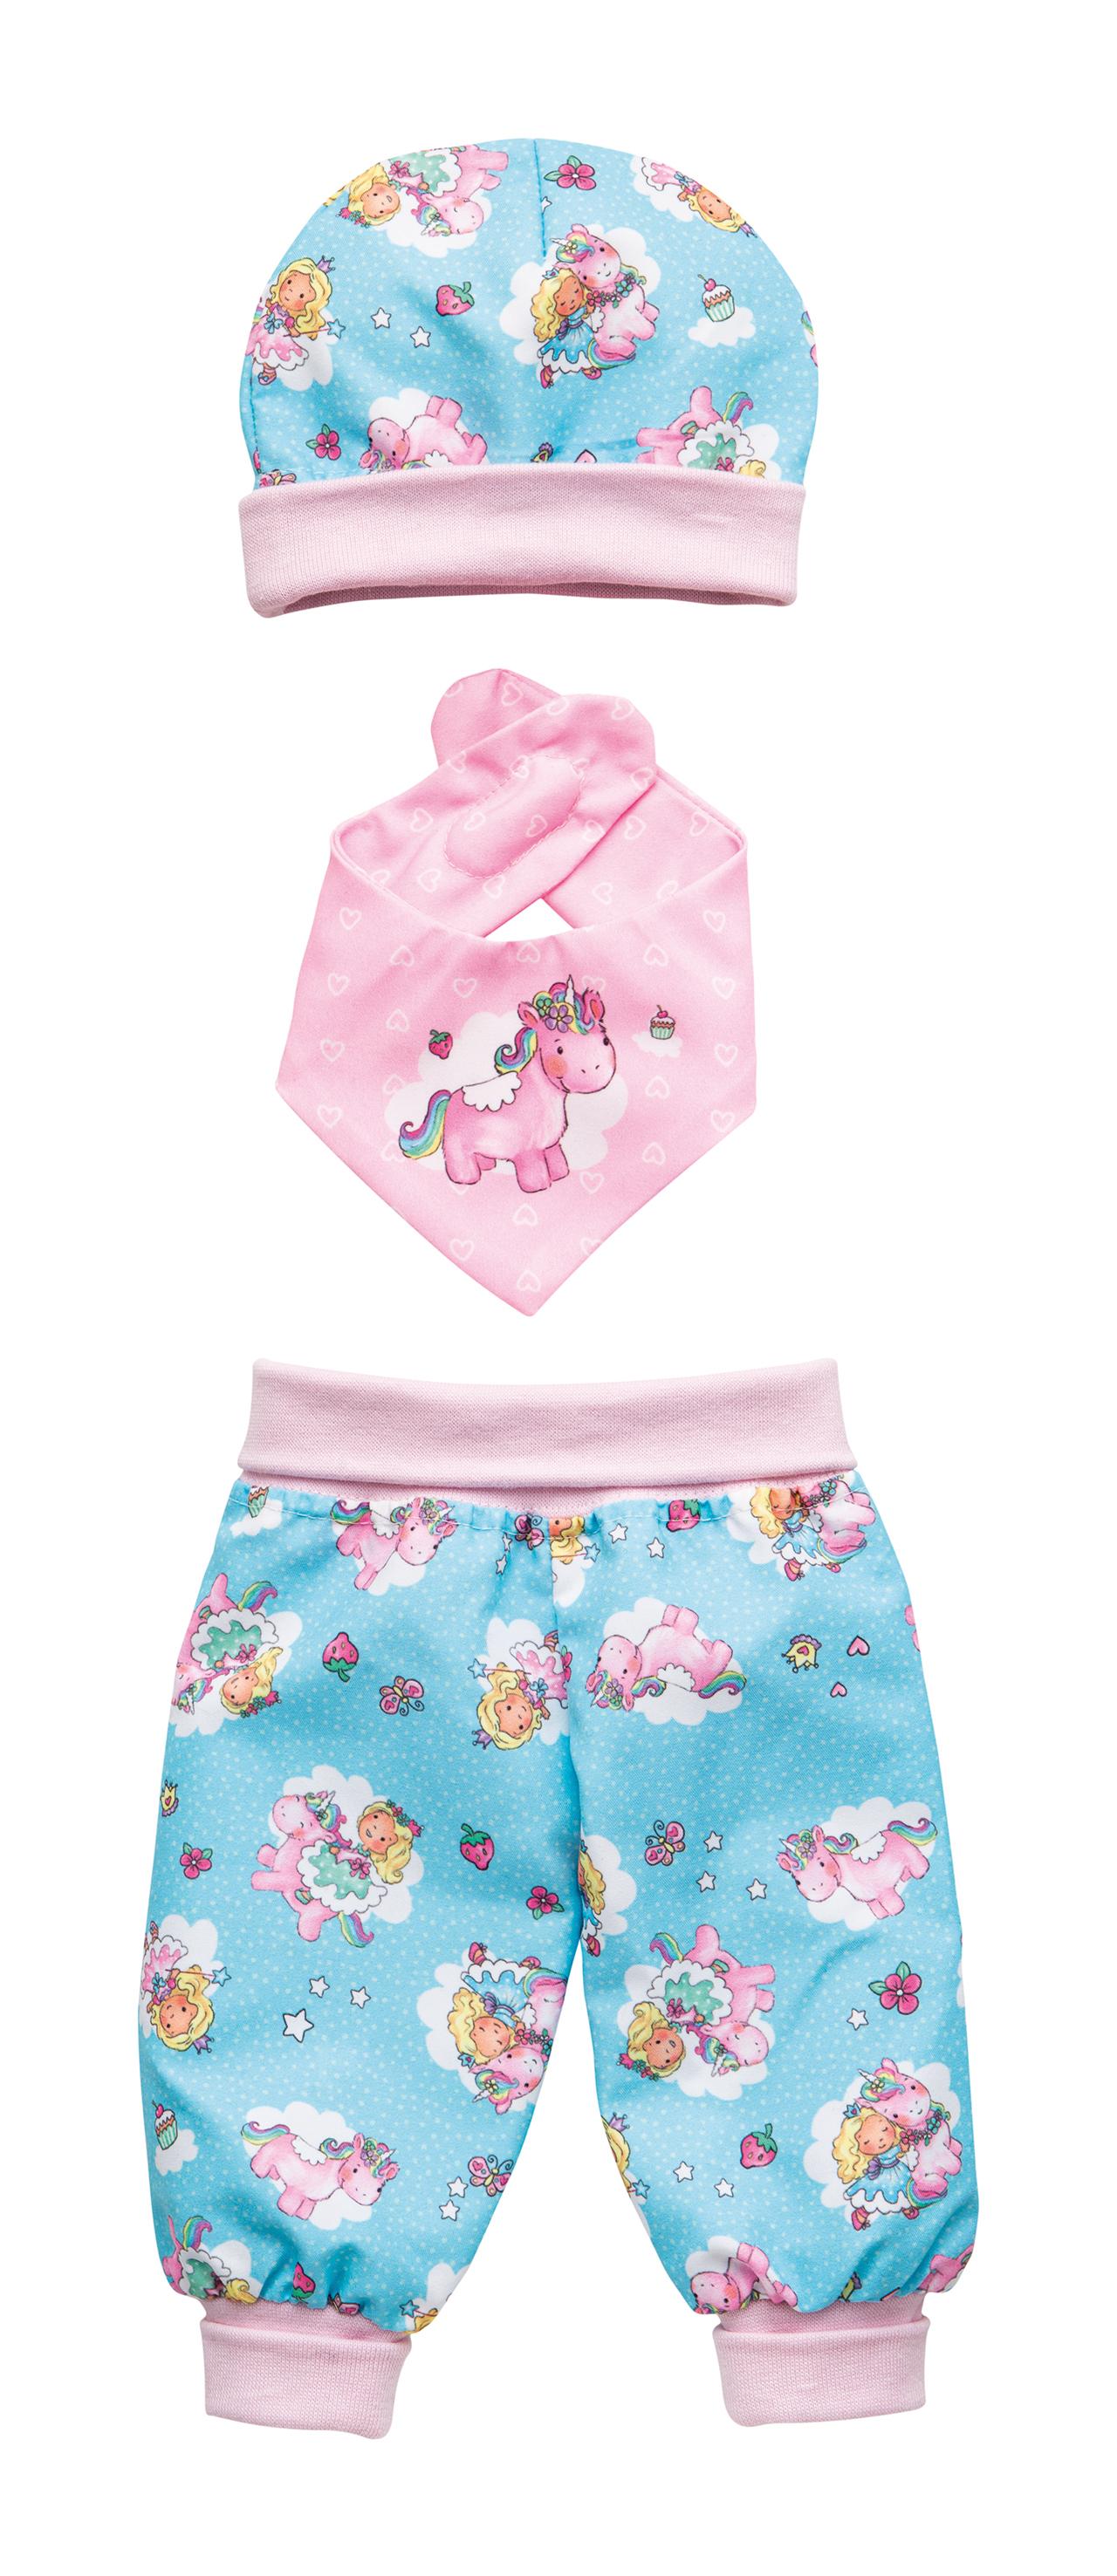 """Baby-Outfit """"Einhorn Emil & Fee Emma"""", 3-teilig, Gr. 35-45 cm"""